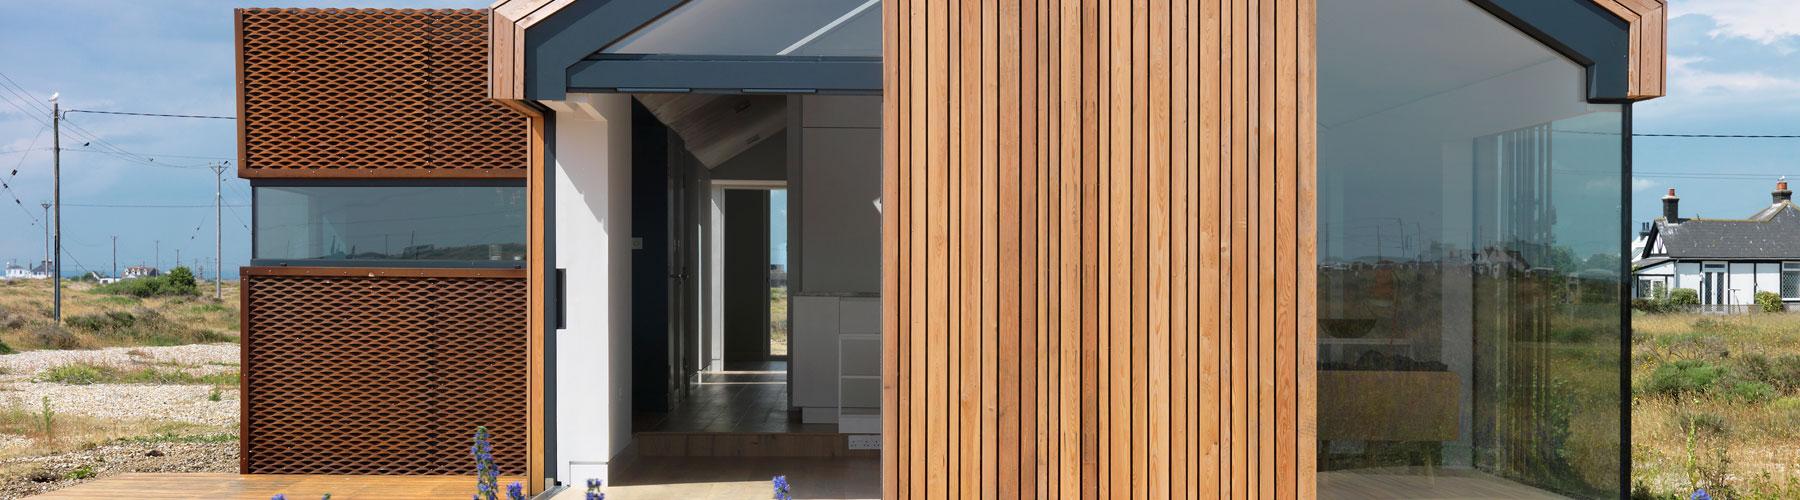 Fineline Aluminium & Fineline Aluminium - 100% Design 2017 - The UKu0027s biggest trade ... pezcame.com